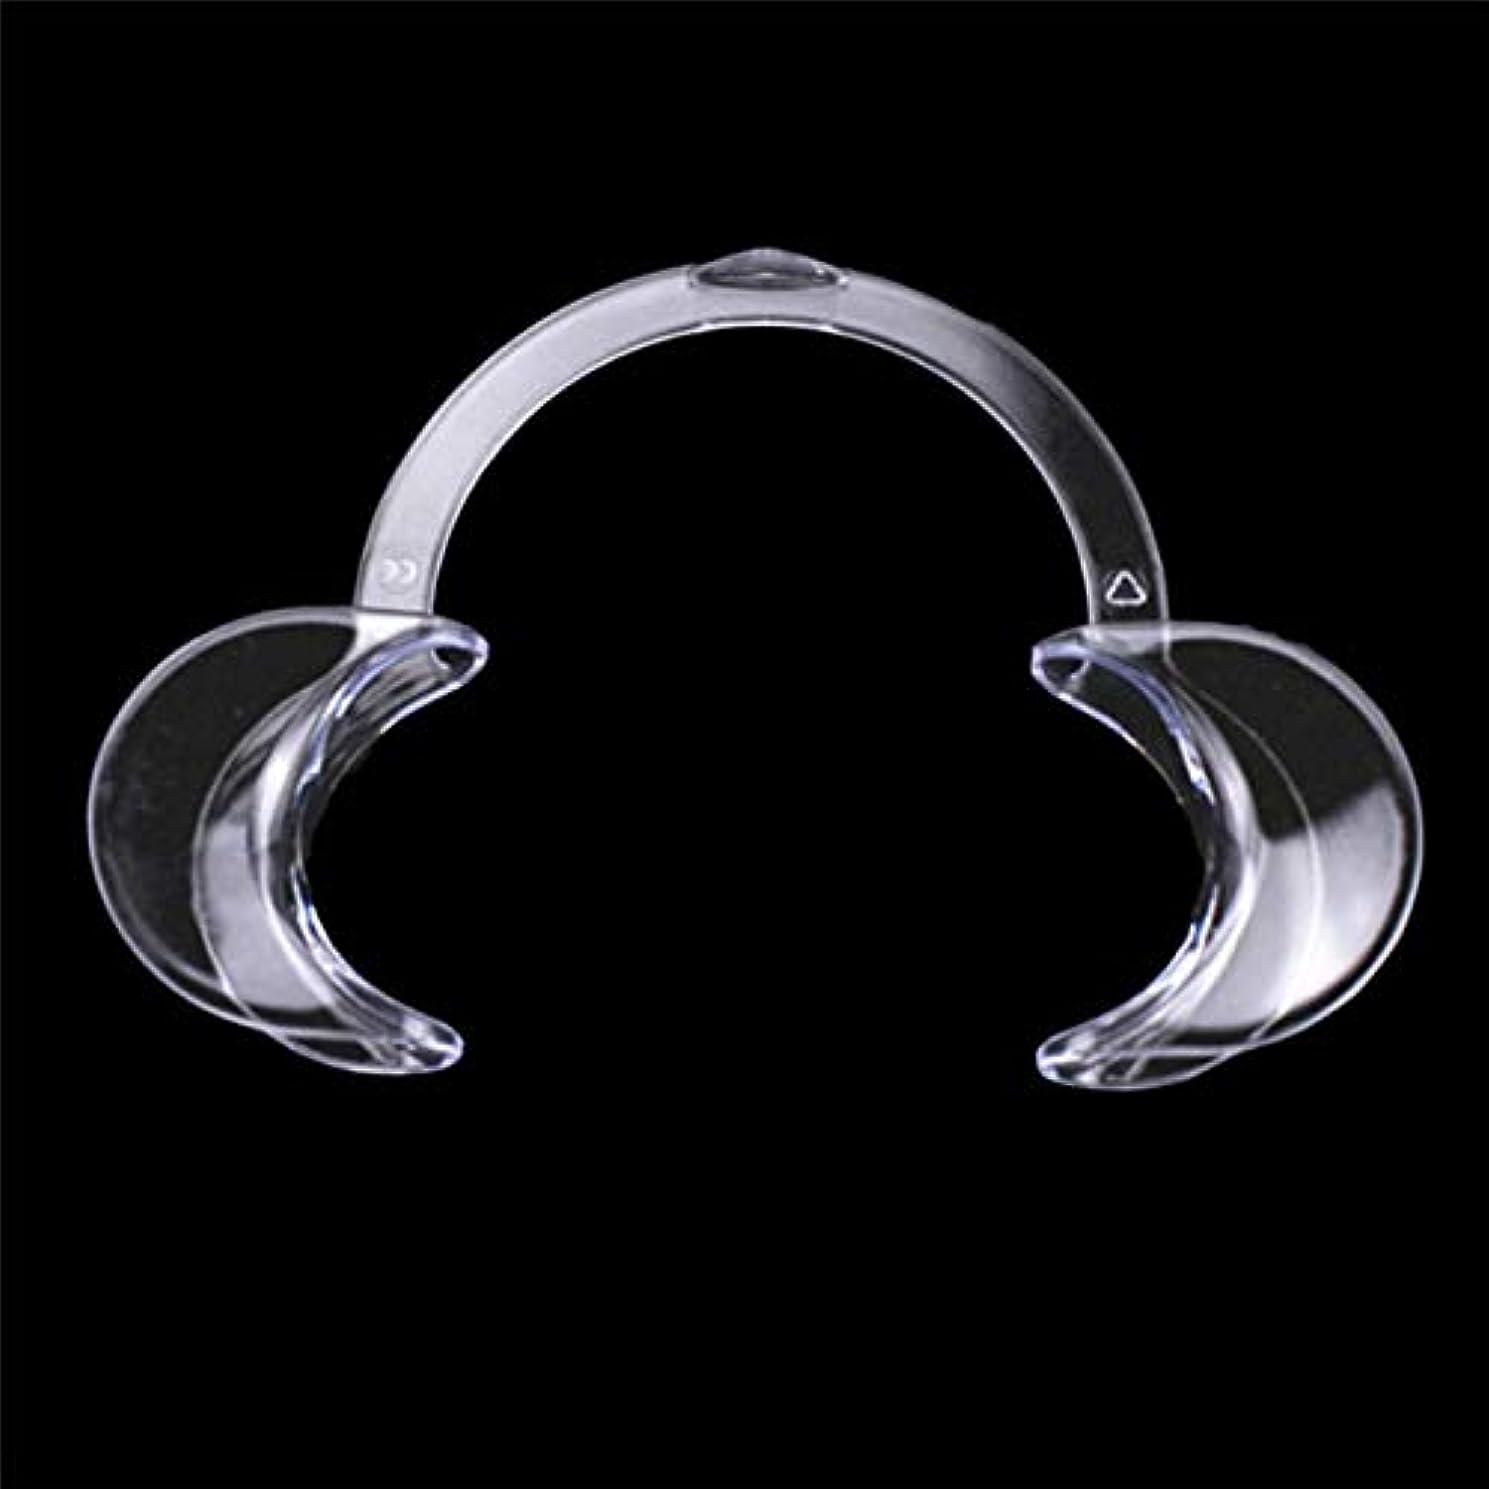 ほのめかす重要性場合DC パック 歯科 C型 開口器 口オープナー マウスオープナー 開口マウスオープナー C型ホワイトニング口の開創器